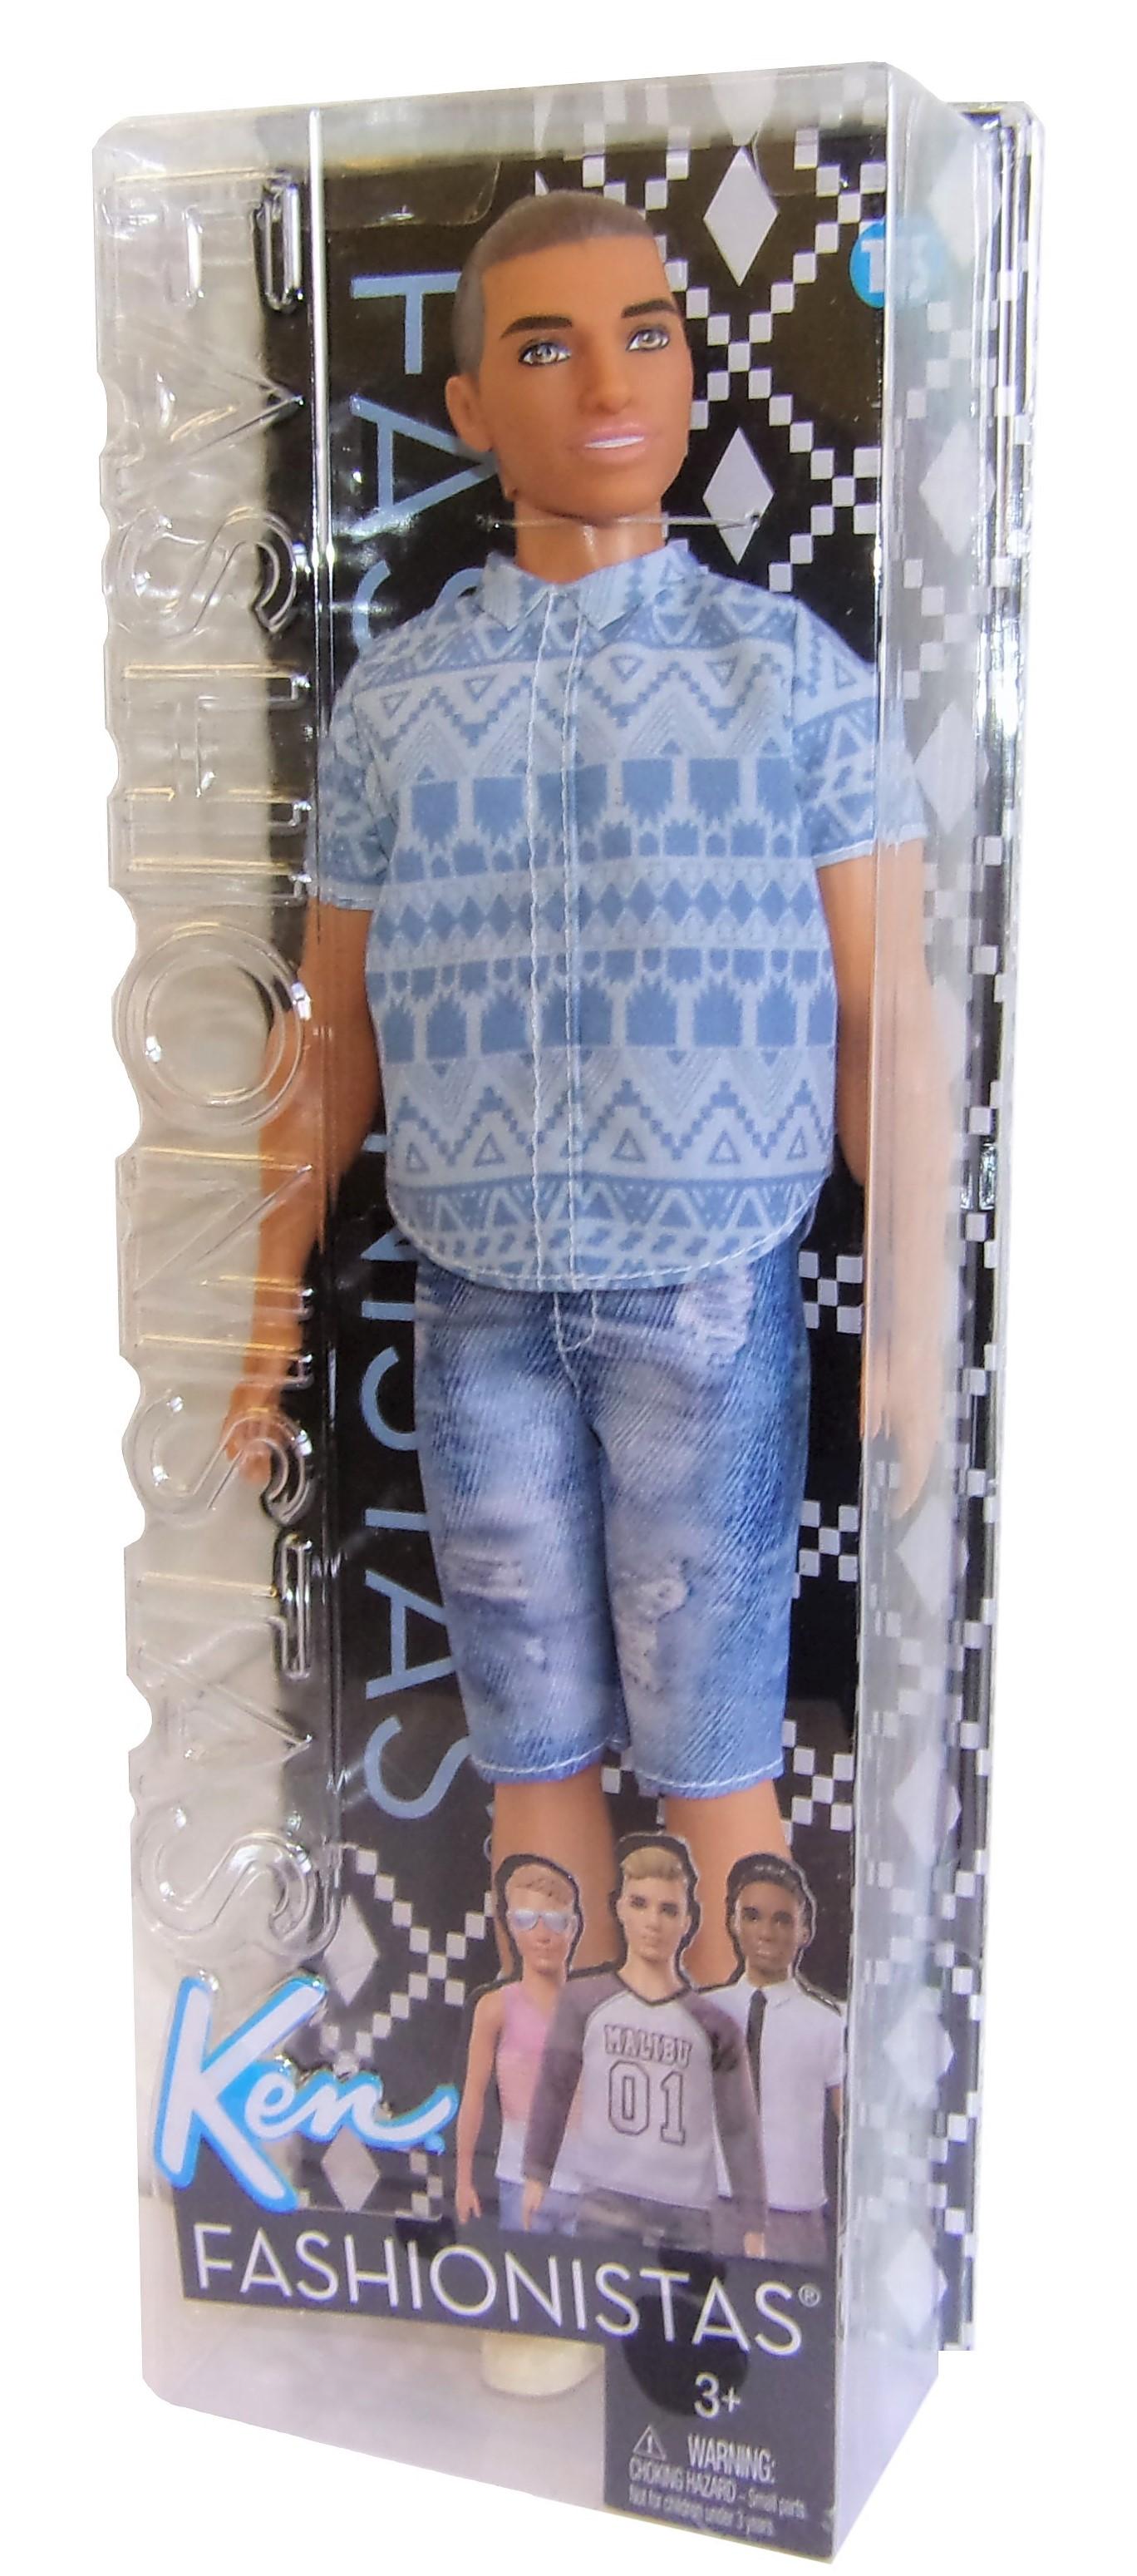 Barbie Ken in verwaschener Jeans Fashionistas Puppe FNJ38